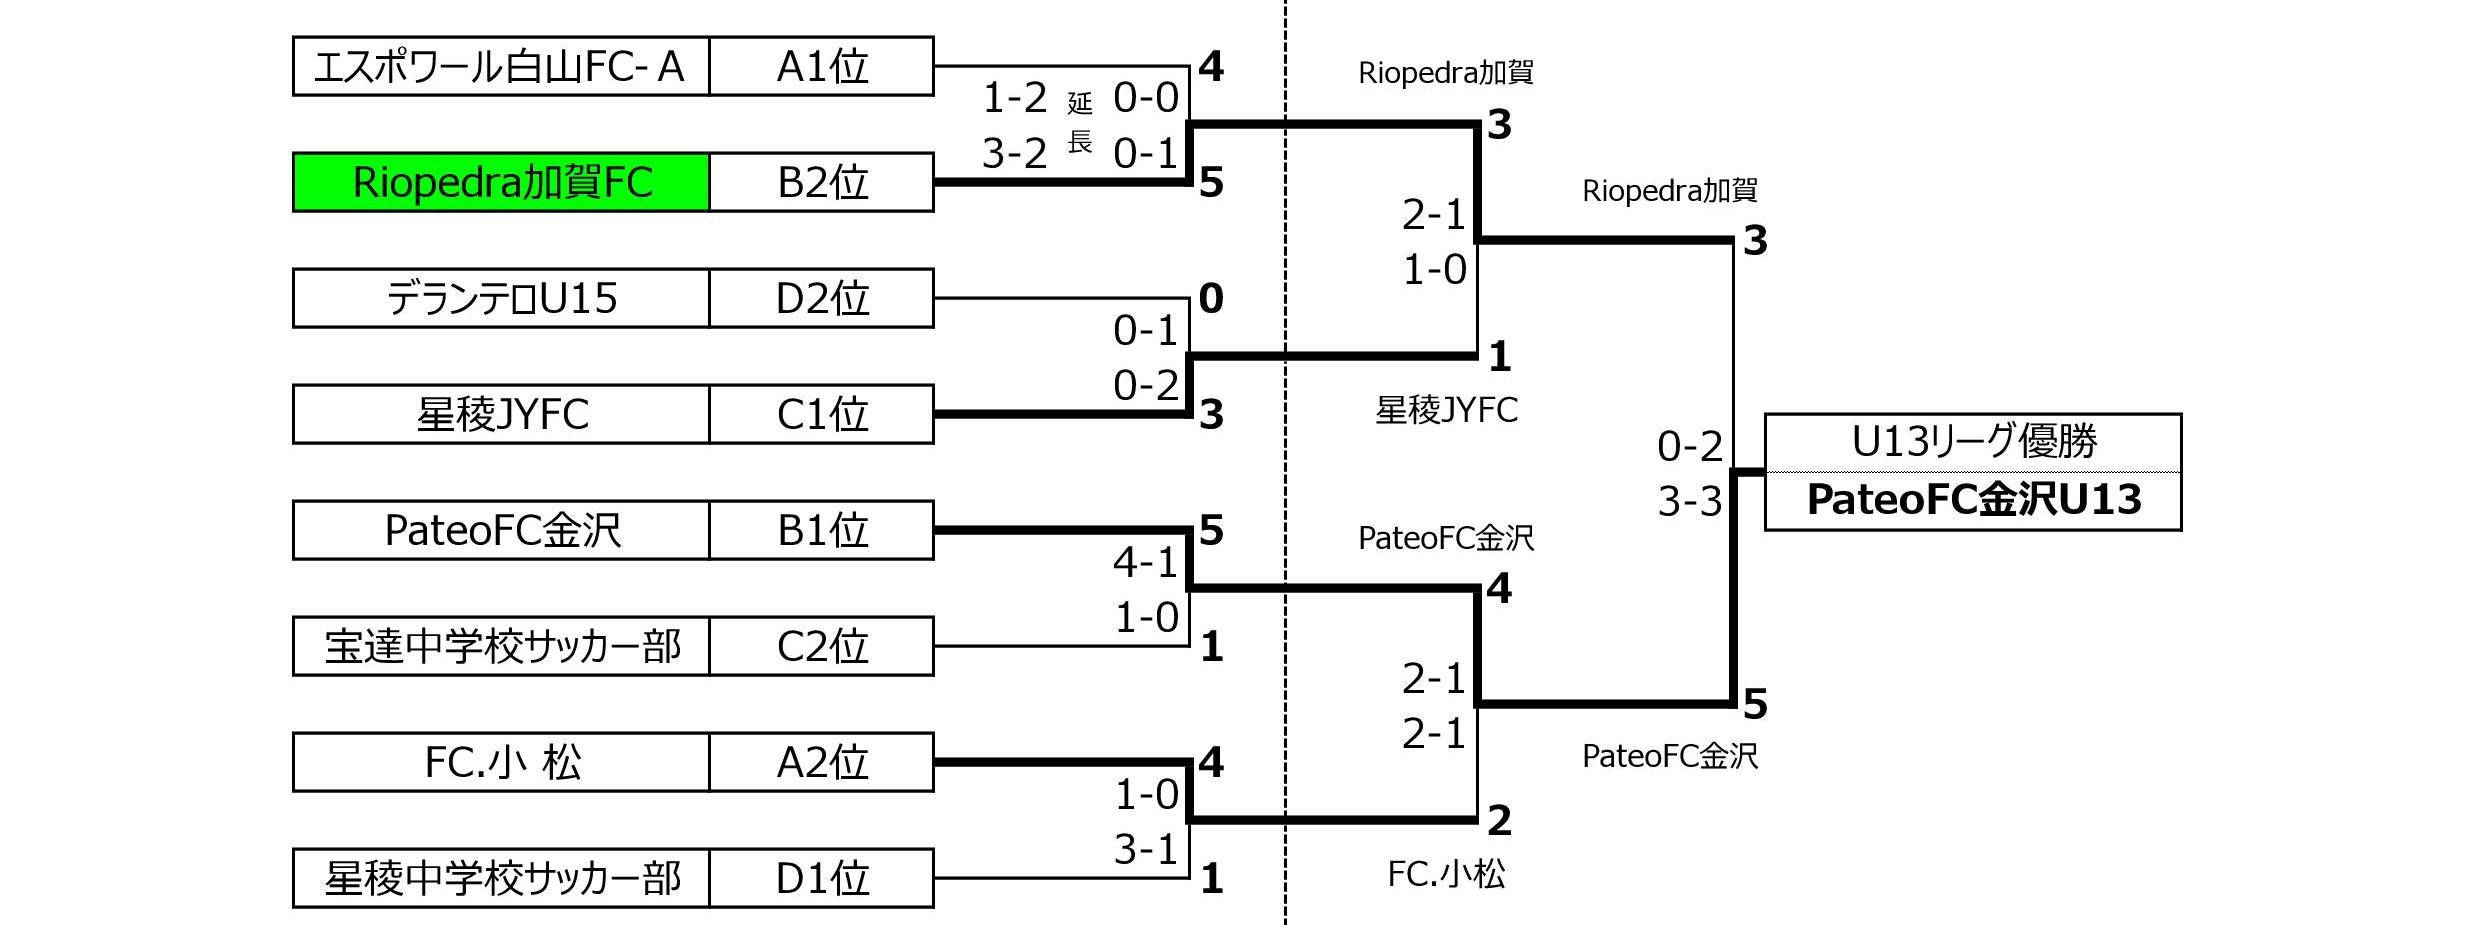 U13プレーオフ最終結果20181021